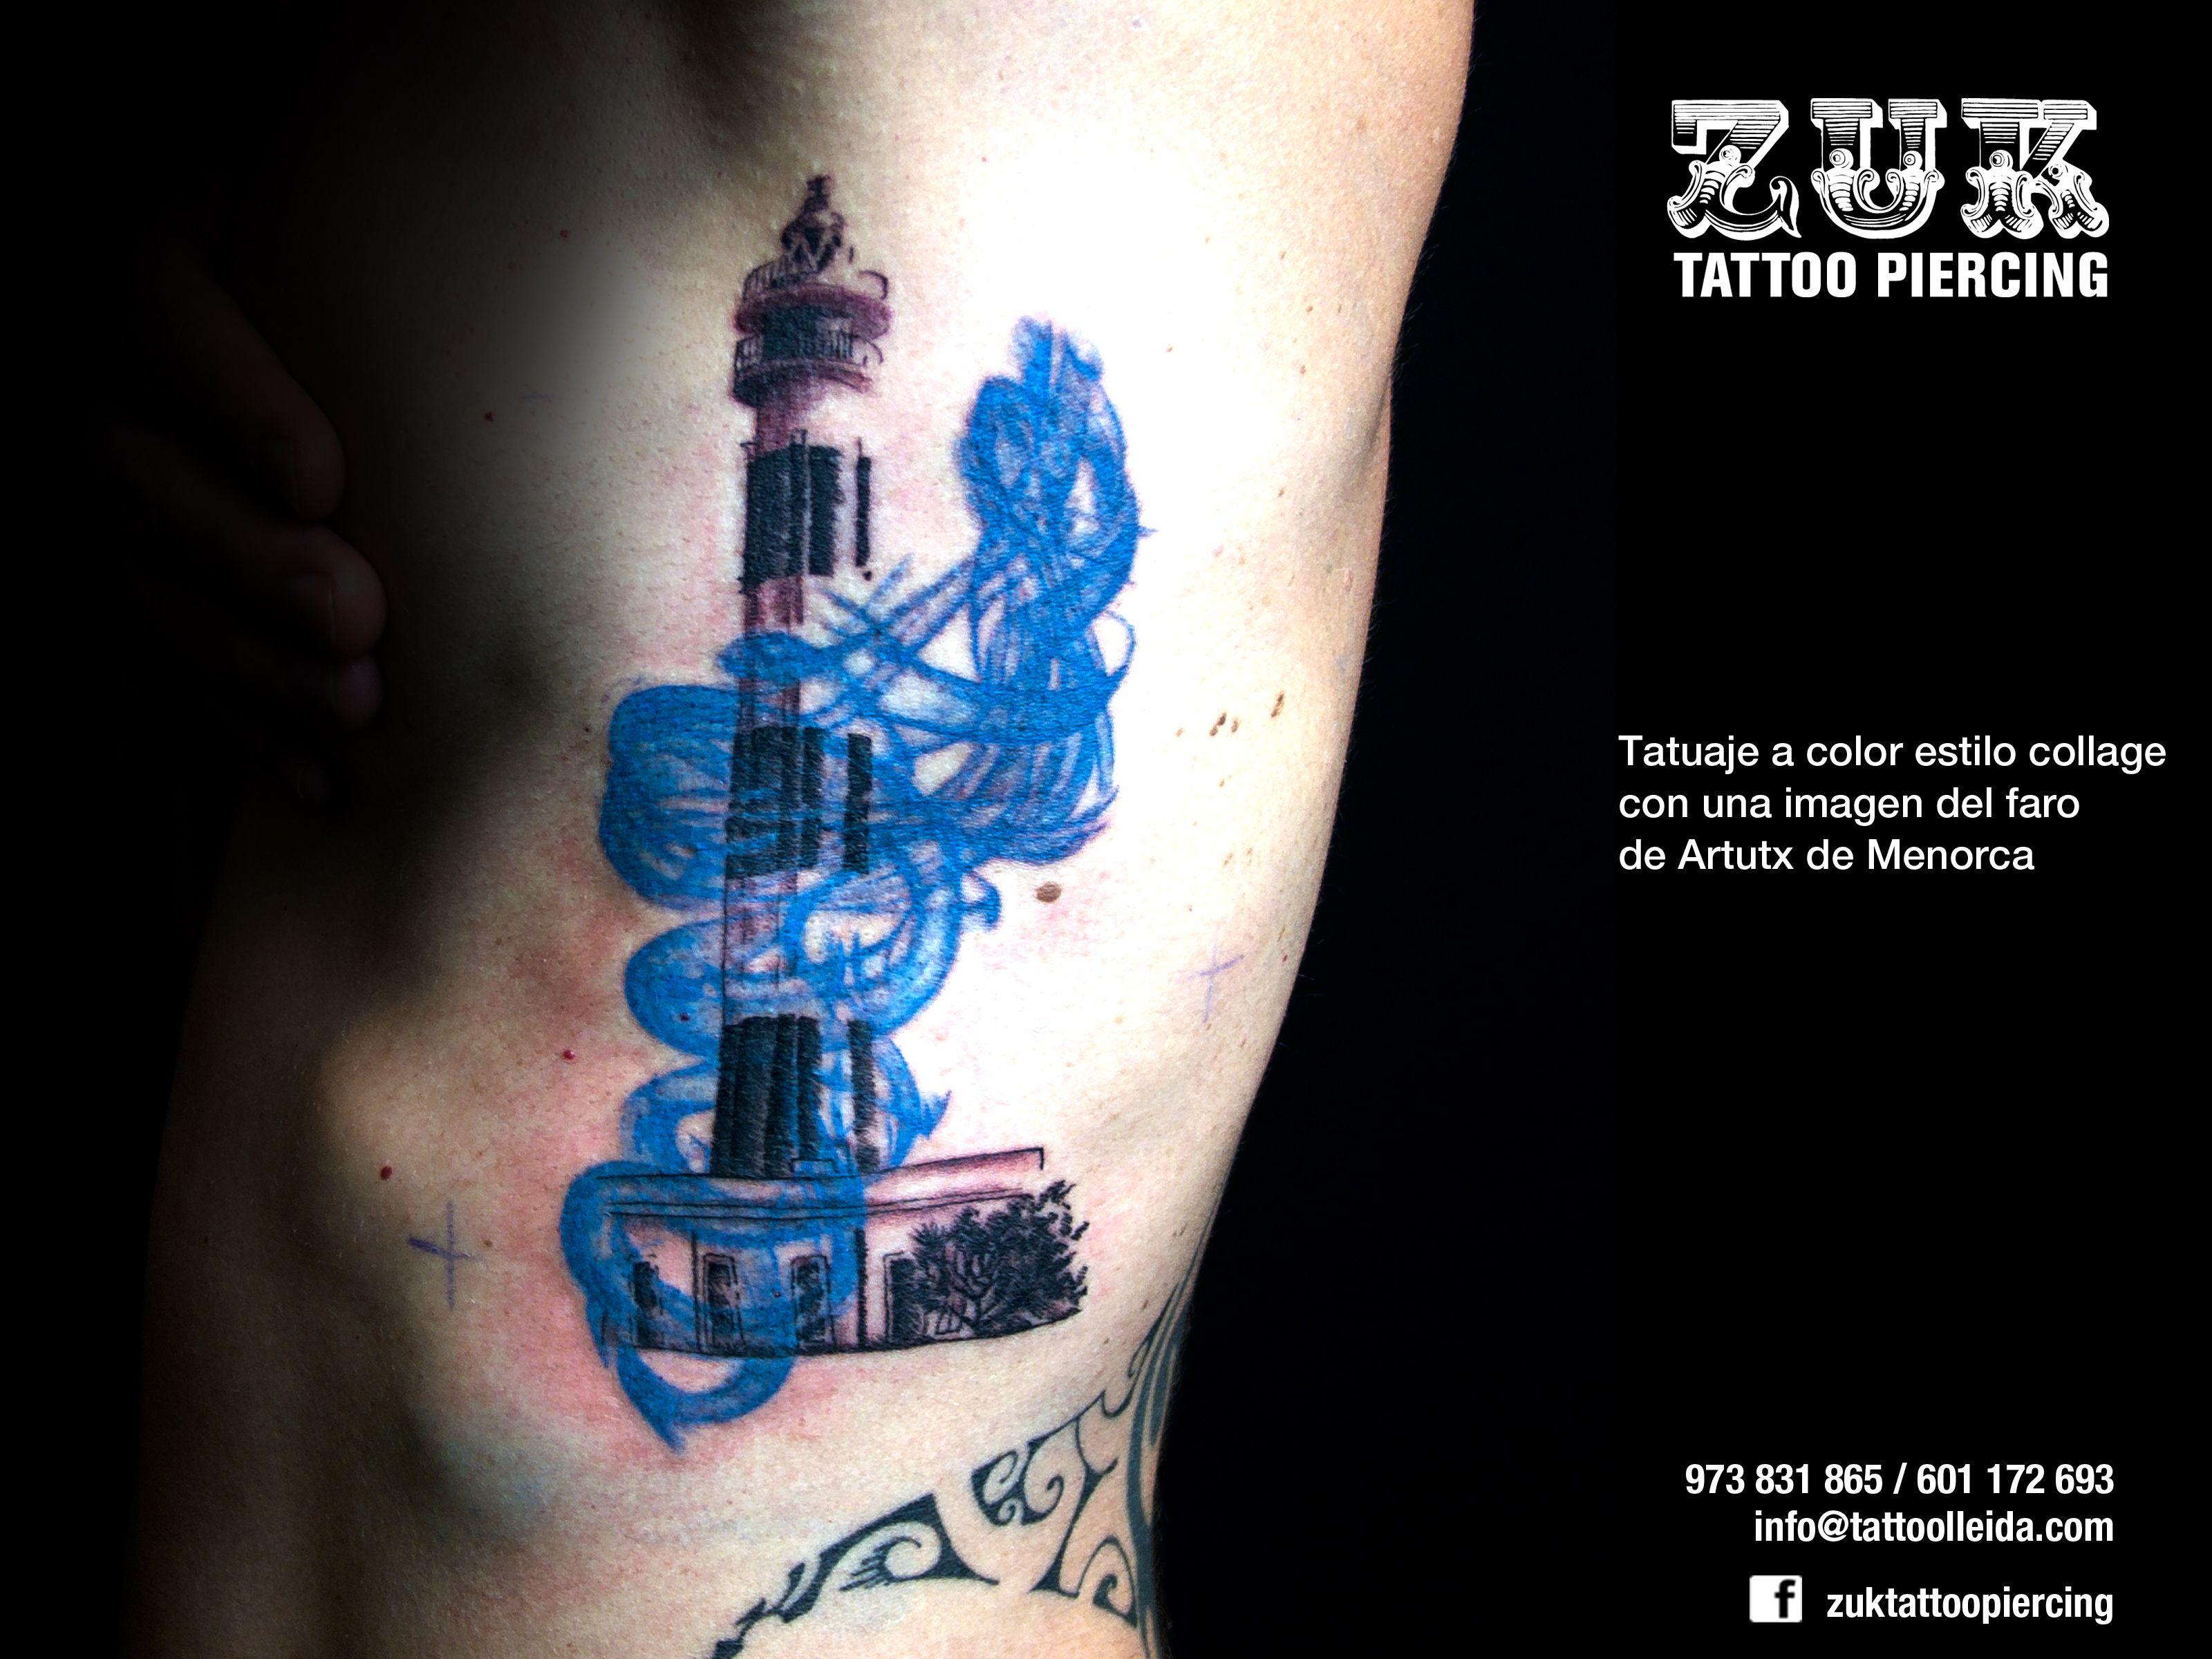 Tatuaje a color estilo collage con una imagen del faro de Artutx de Menorca